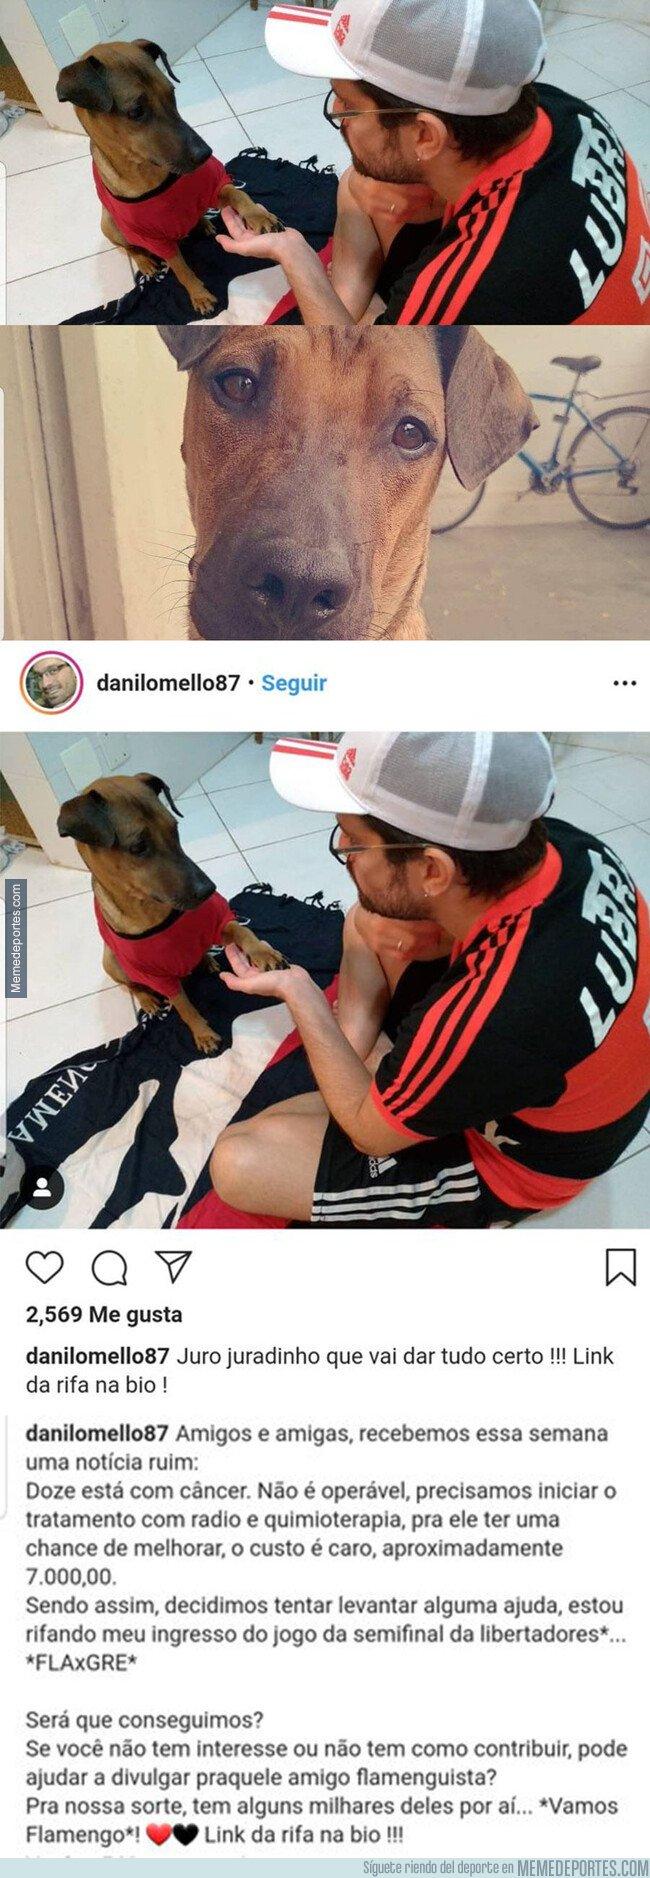 1088124 - Un hincha del Flamengo vende su entrada de la semifinal de la Copa para curar el cáncer de su perro